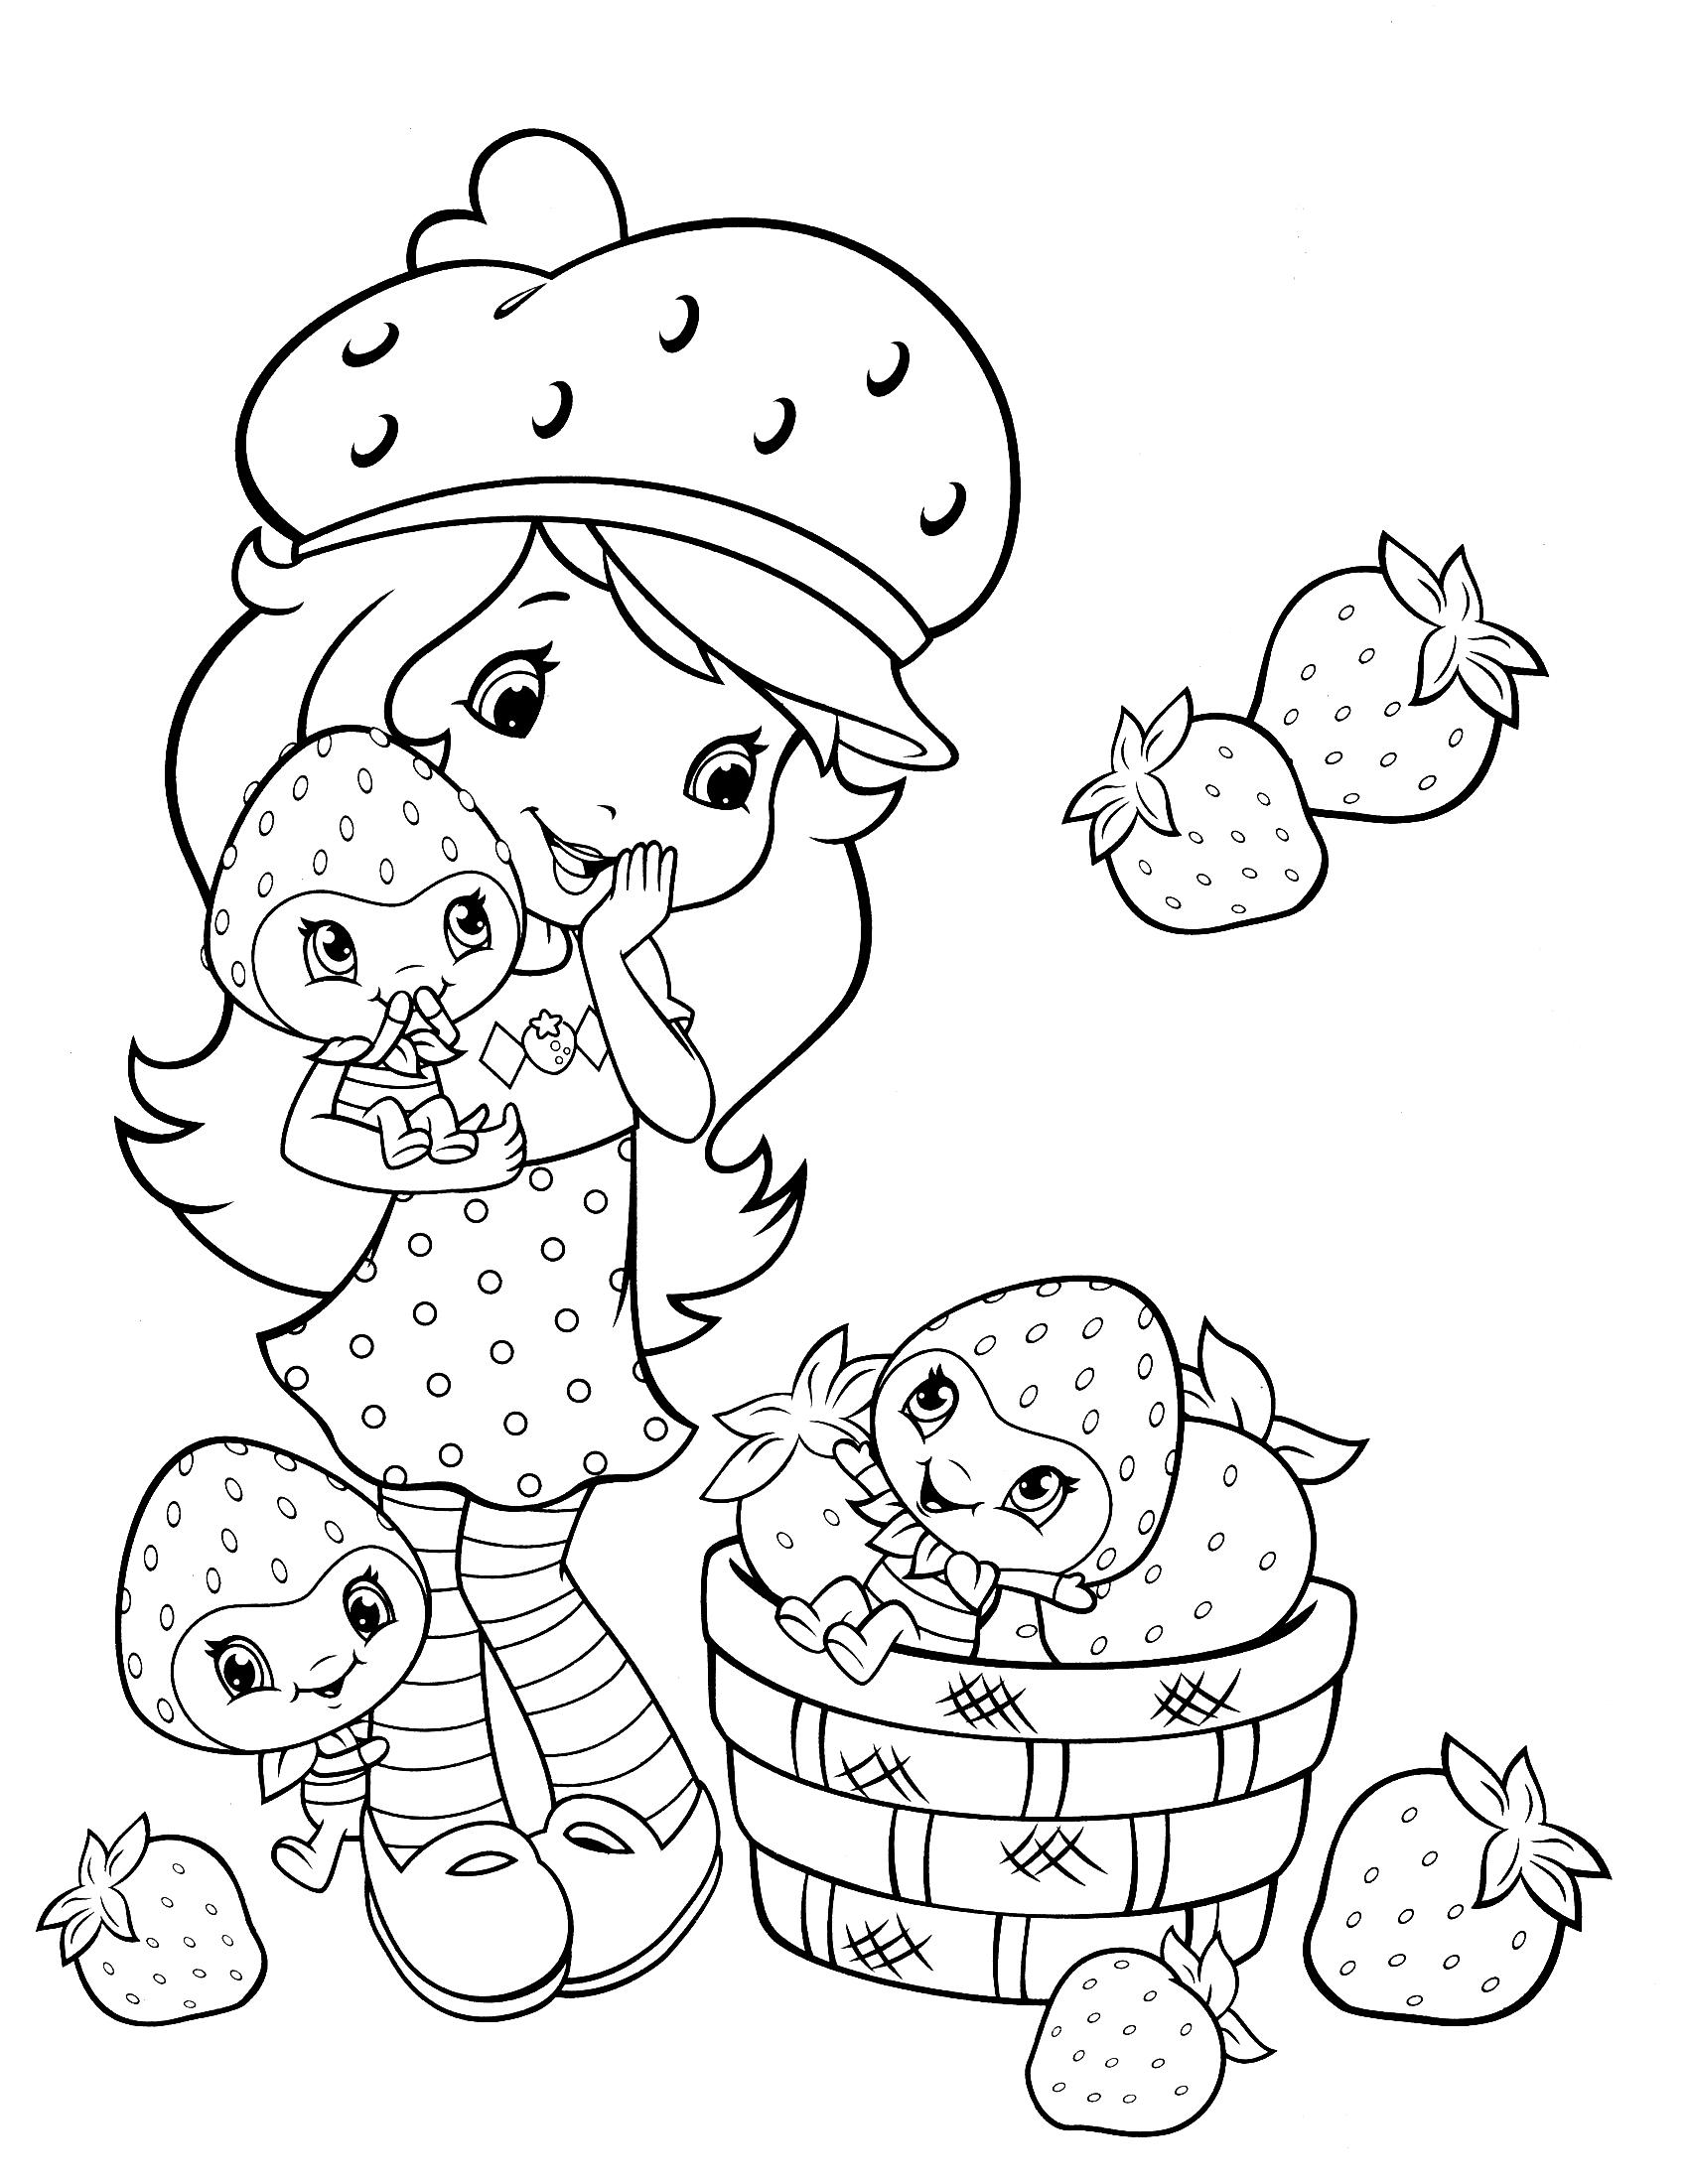 Раскраска для маленьких девочек распечатать - 6